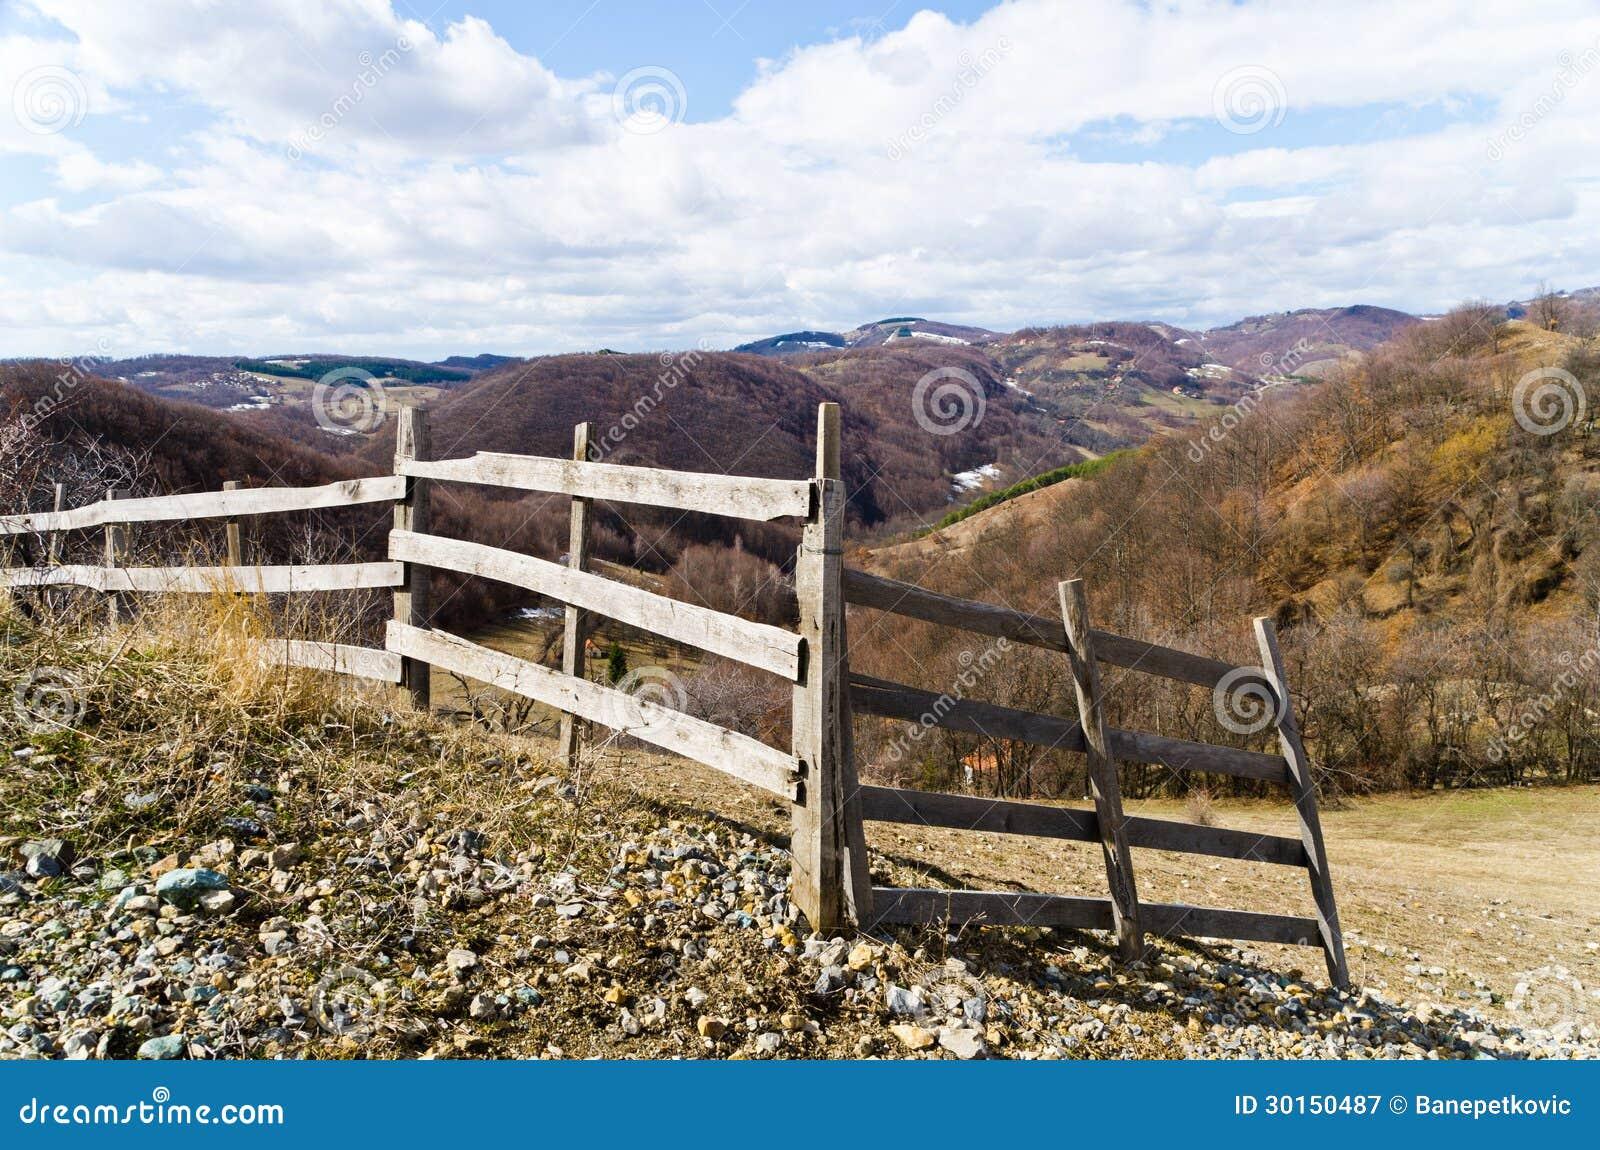 Bretterzaun auf einem Hügel